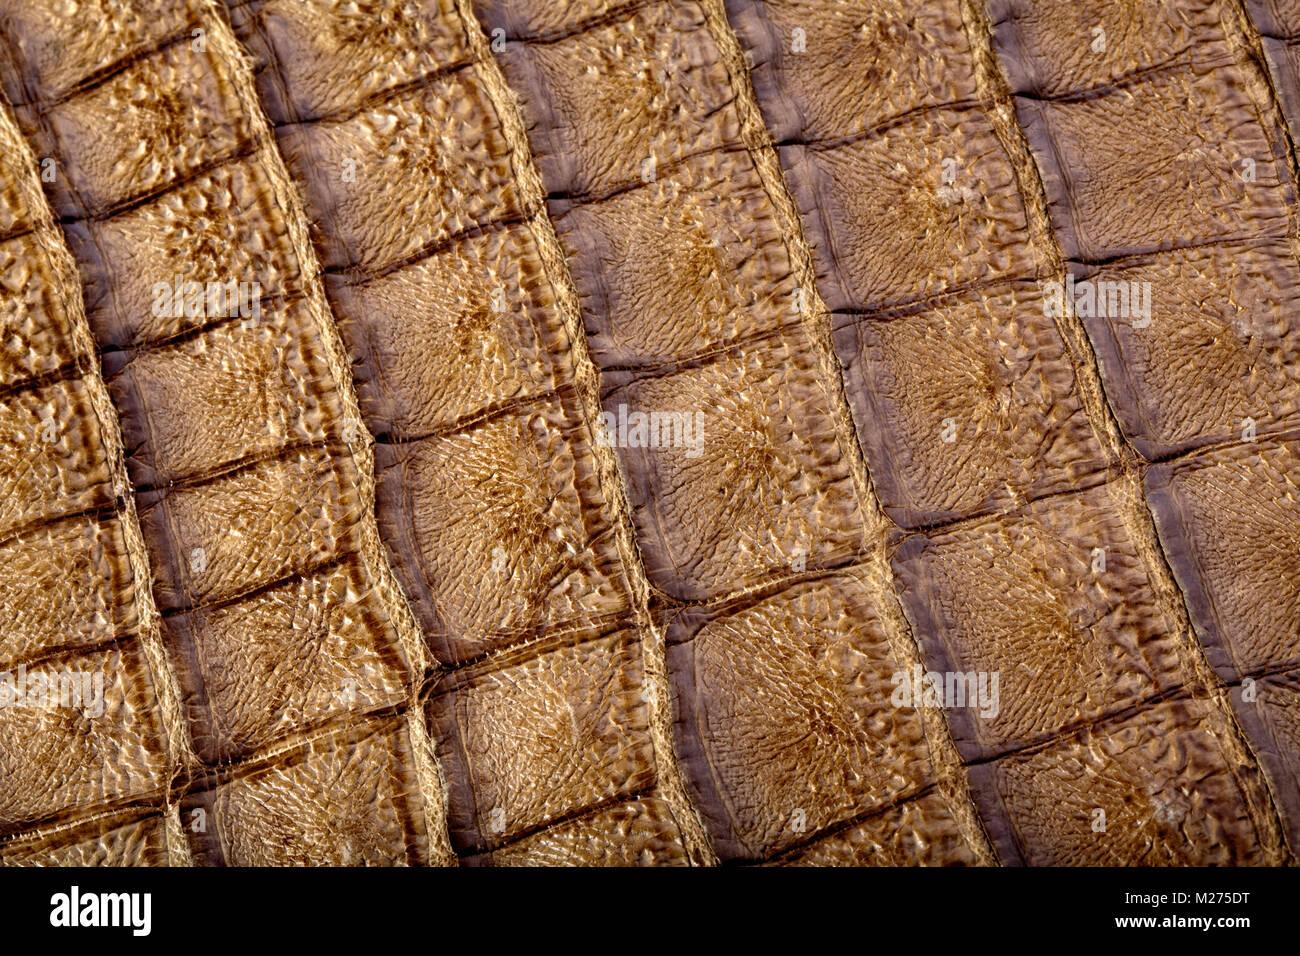 Handtasche aus echtem Krokodilleder Stockbild